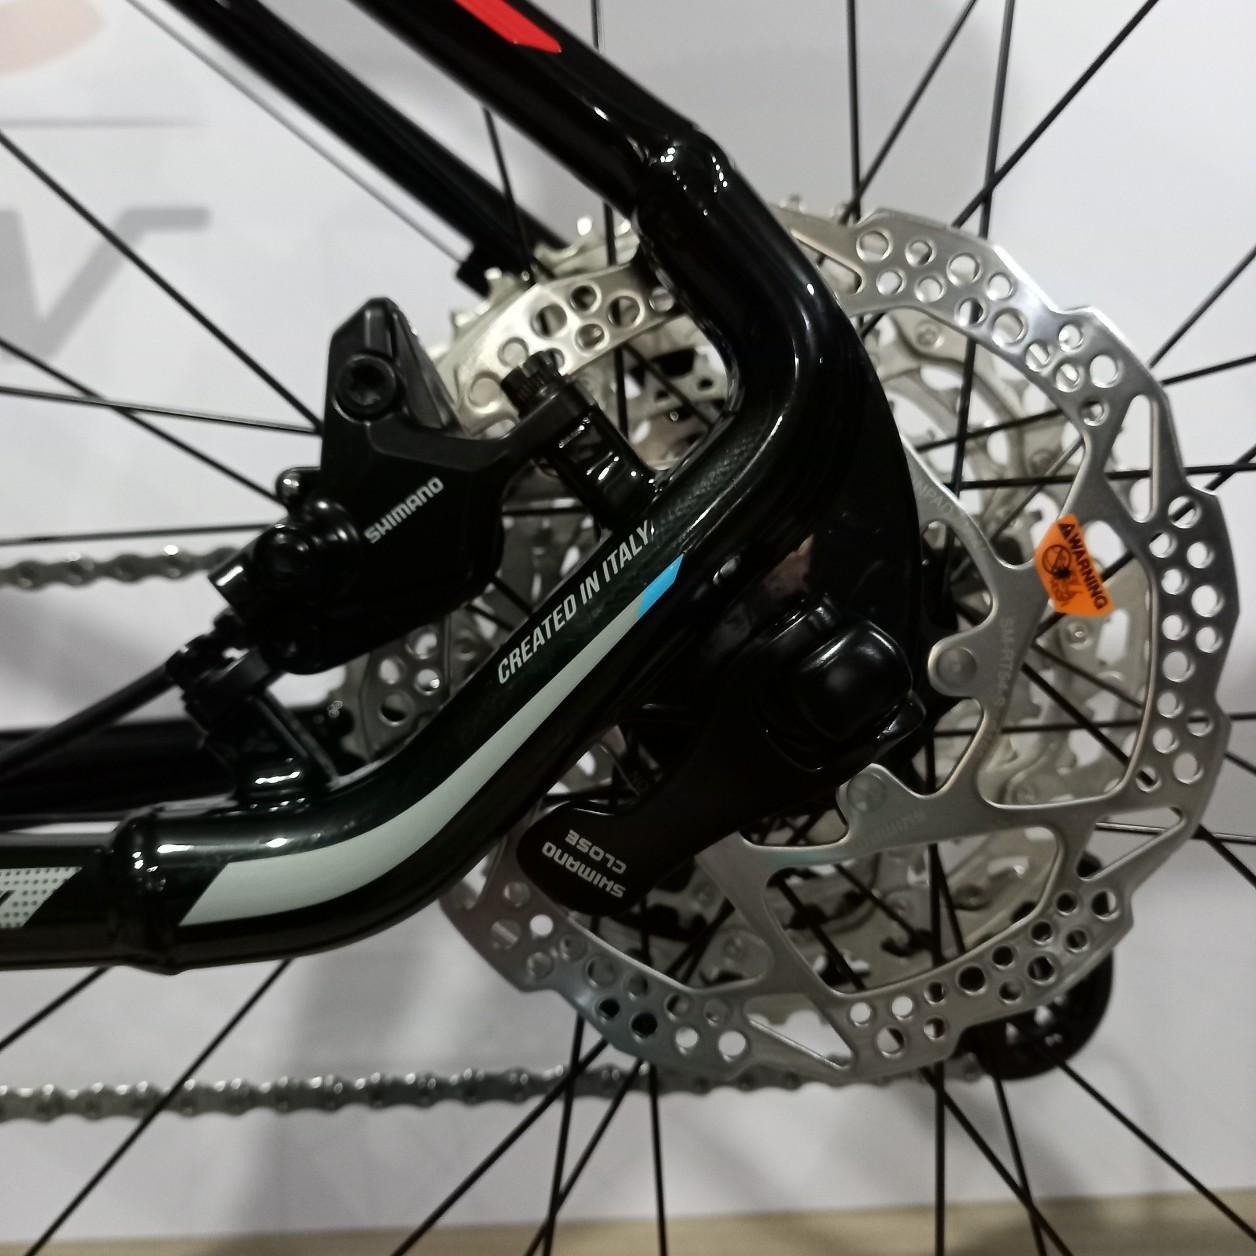 Bicicleta OGGI 7.3 2021 - 12v Shimano Deore - K7 10/51 Dentes - Preto/Azul/Grafite + BRINDES